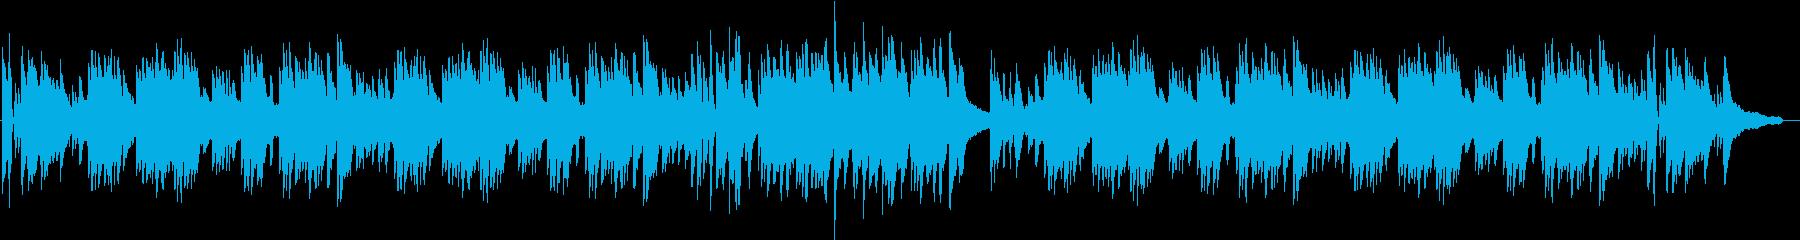 おしゃれなスロージャズの再生済みの波形